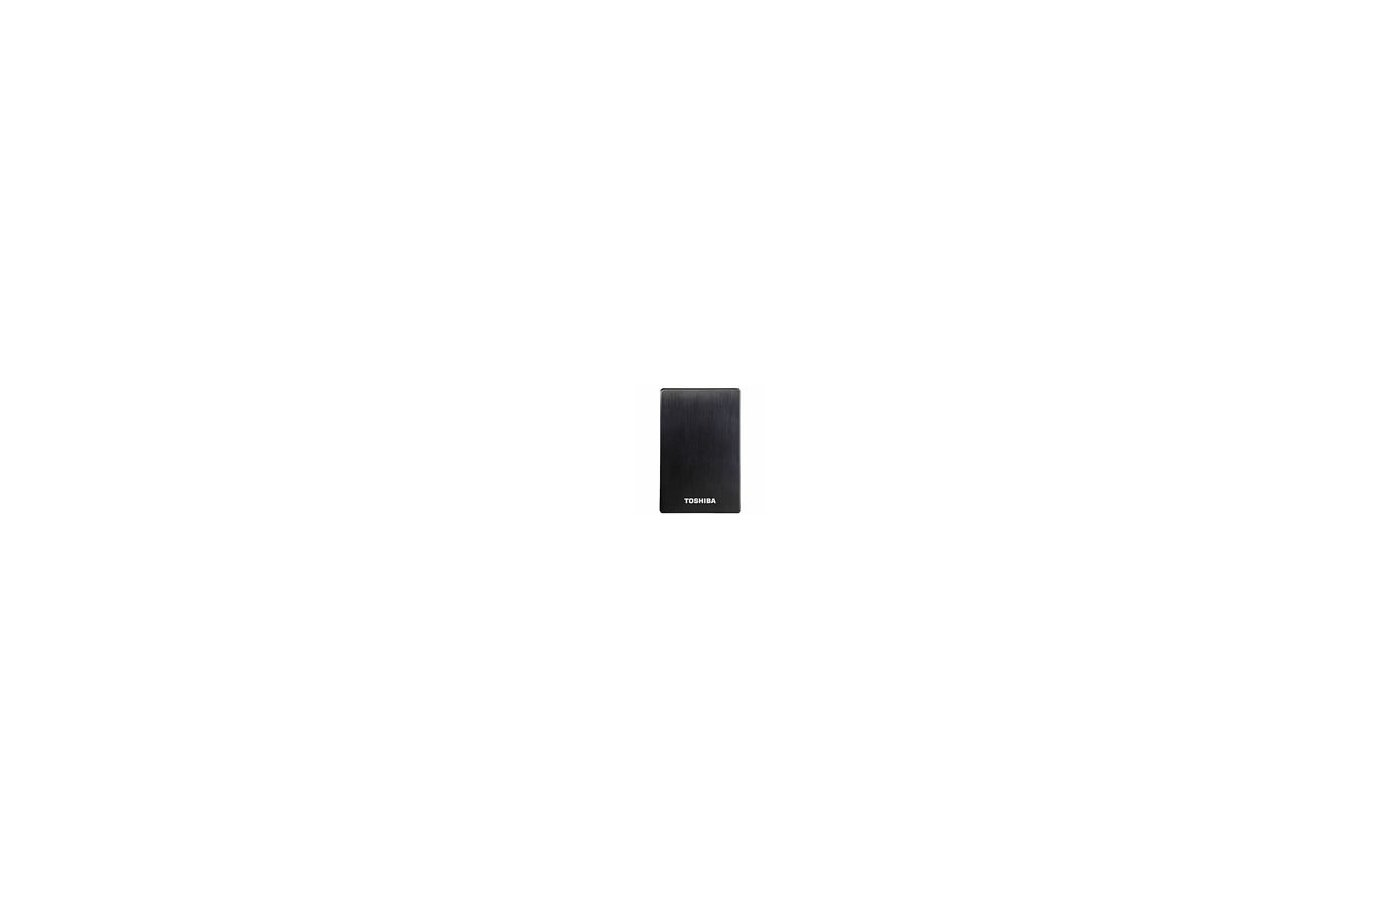 """Внешний жесткий диск Toshiba USB 3.0 500Gb HDTD205EK3DA Stor.e Slim 2.5"""" черный"""